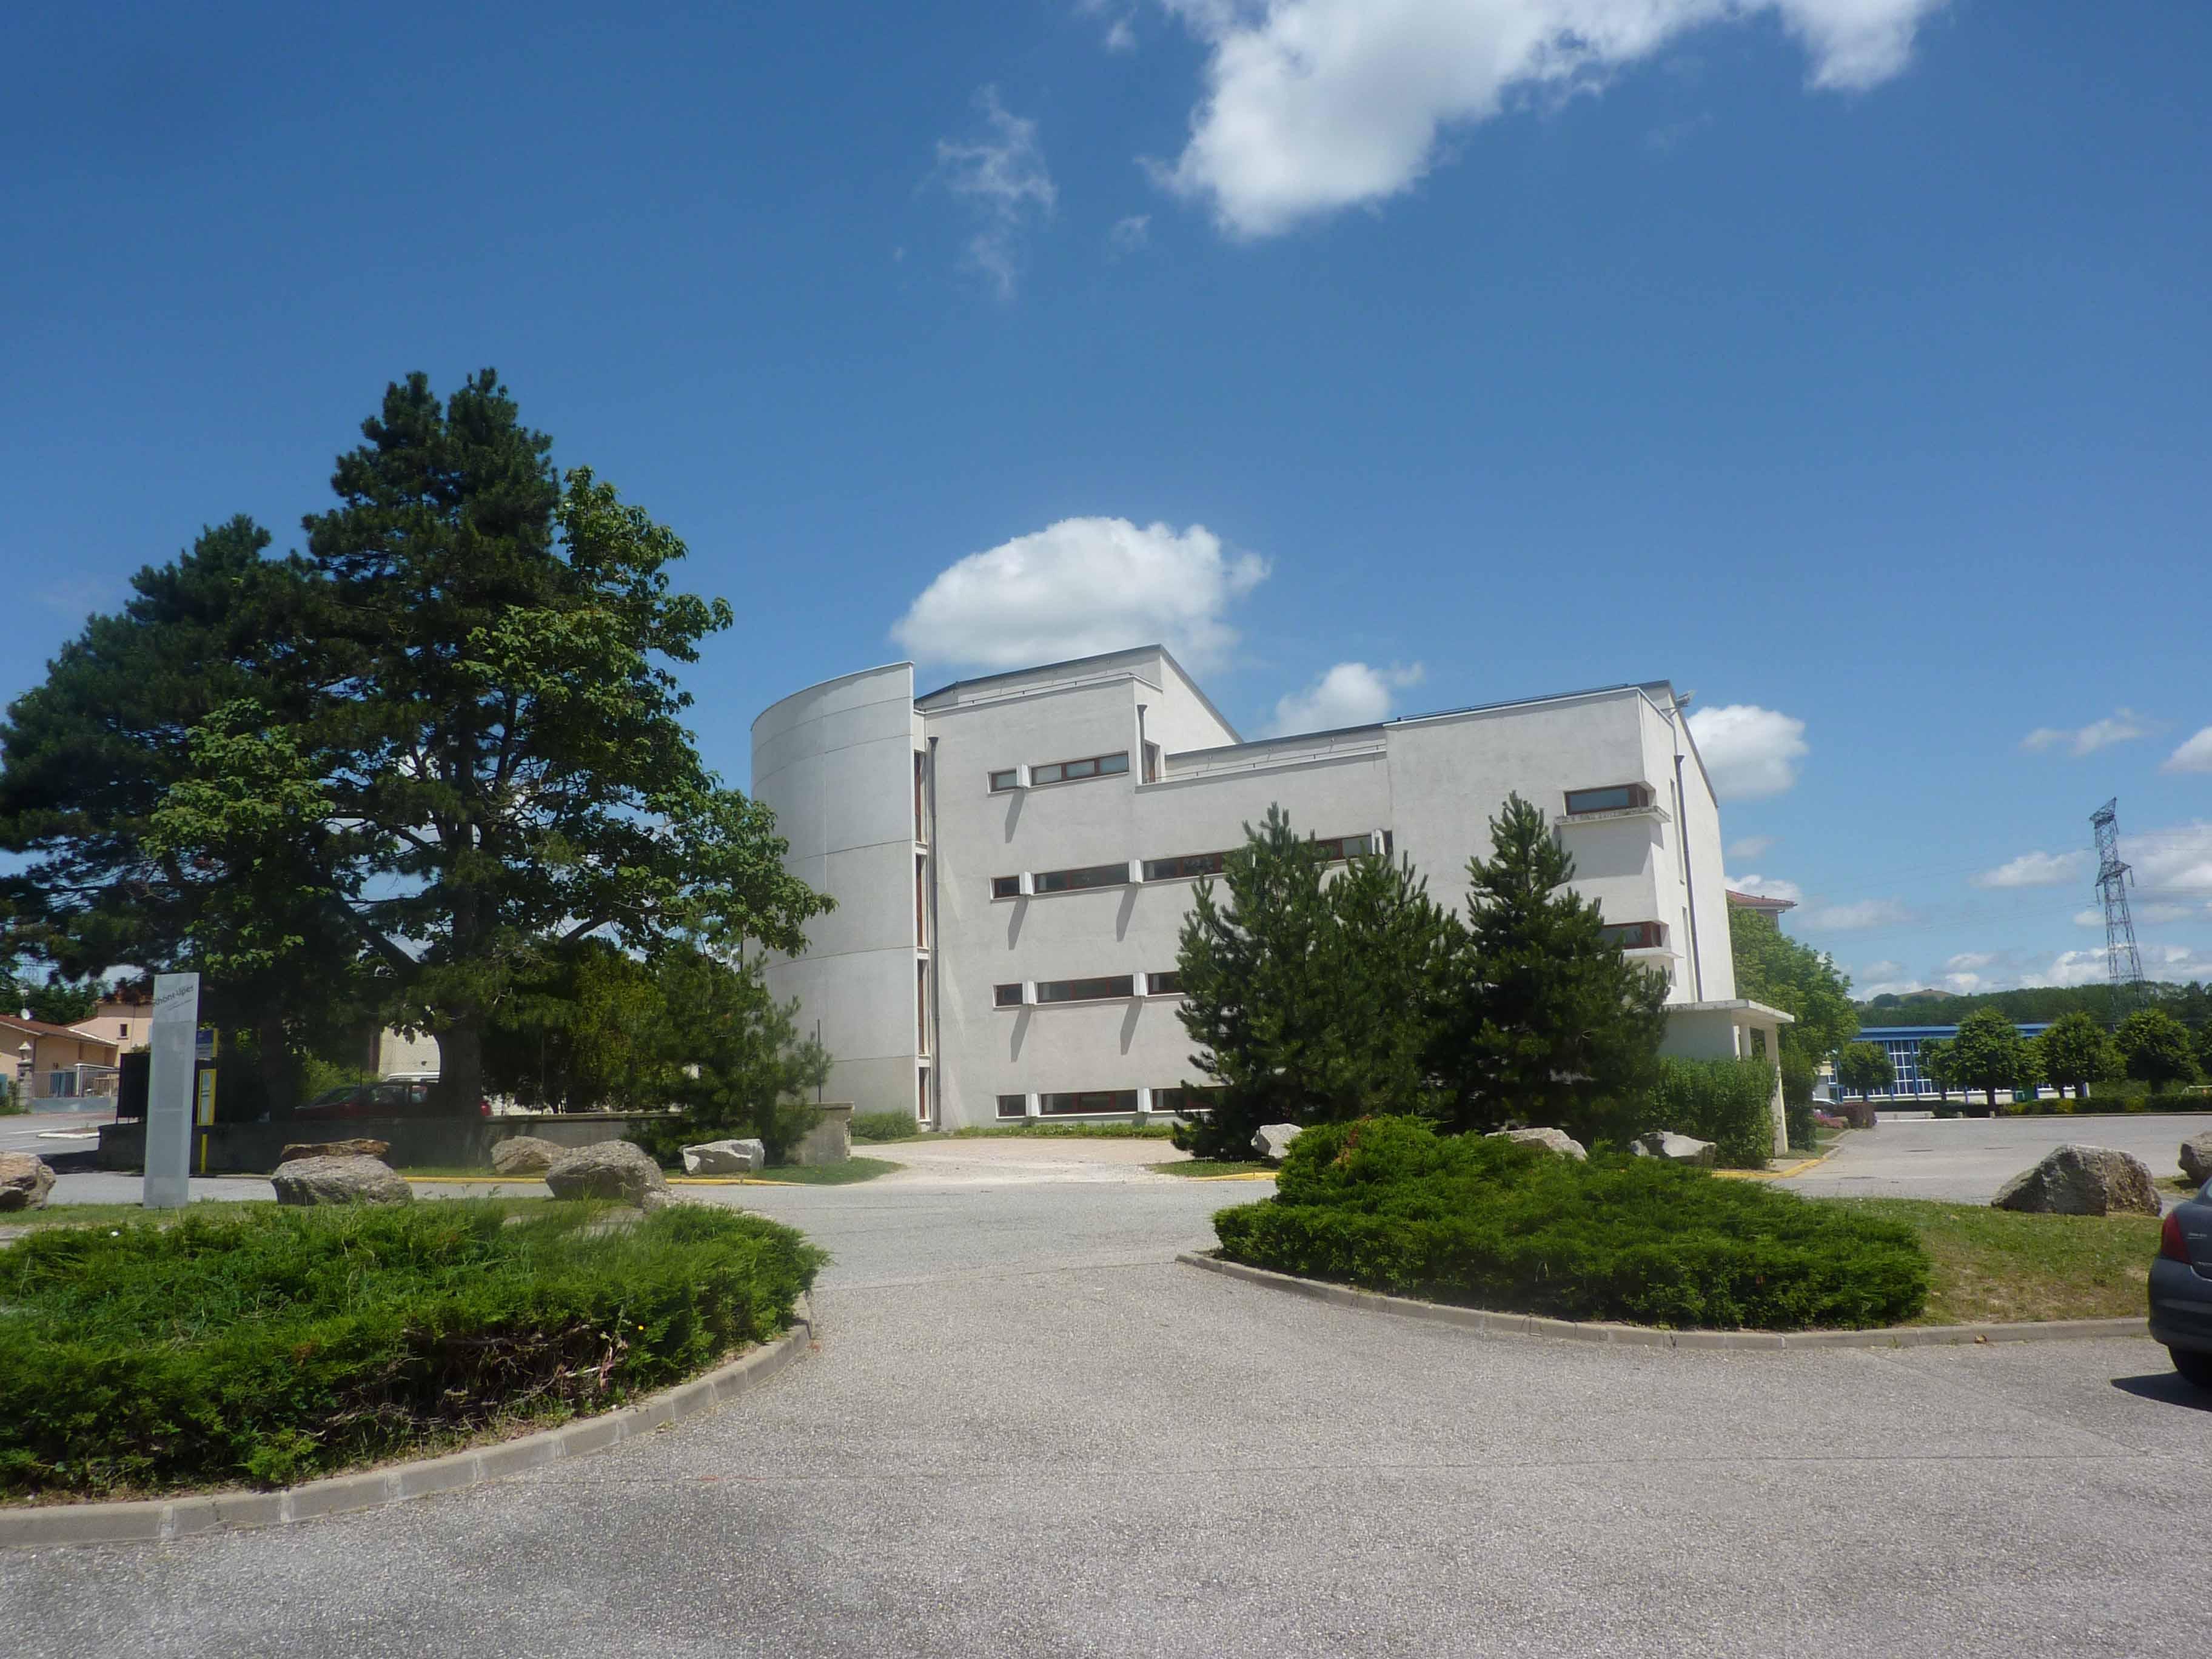 HUBERT COCAGNE-H2C ARCHITECTURE-COLLEGE ST BONNET DE GALAURE 26-N°1